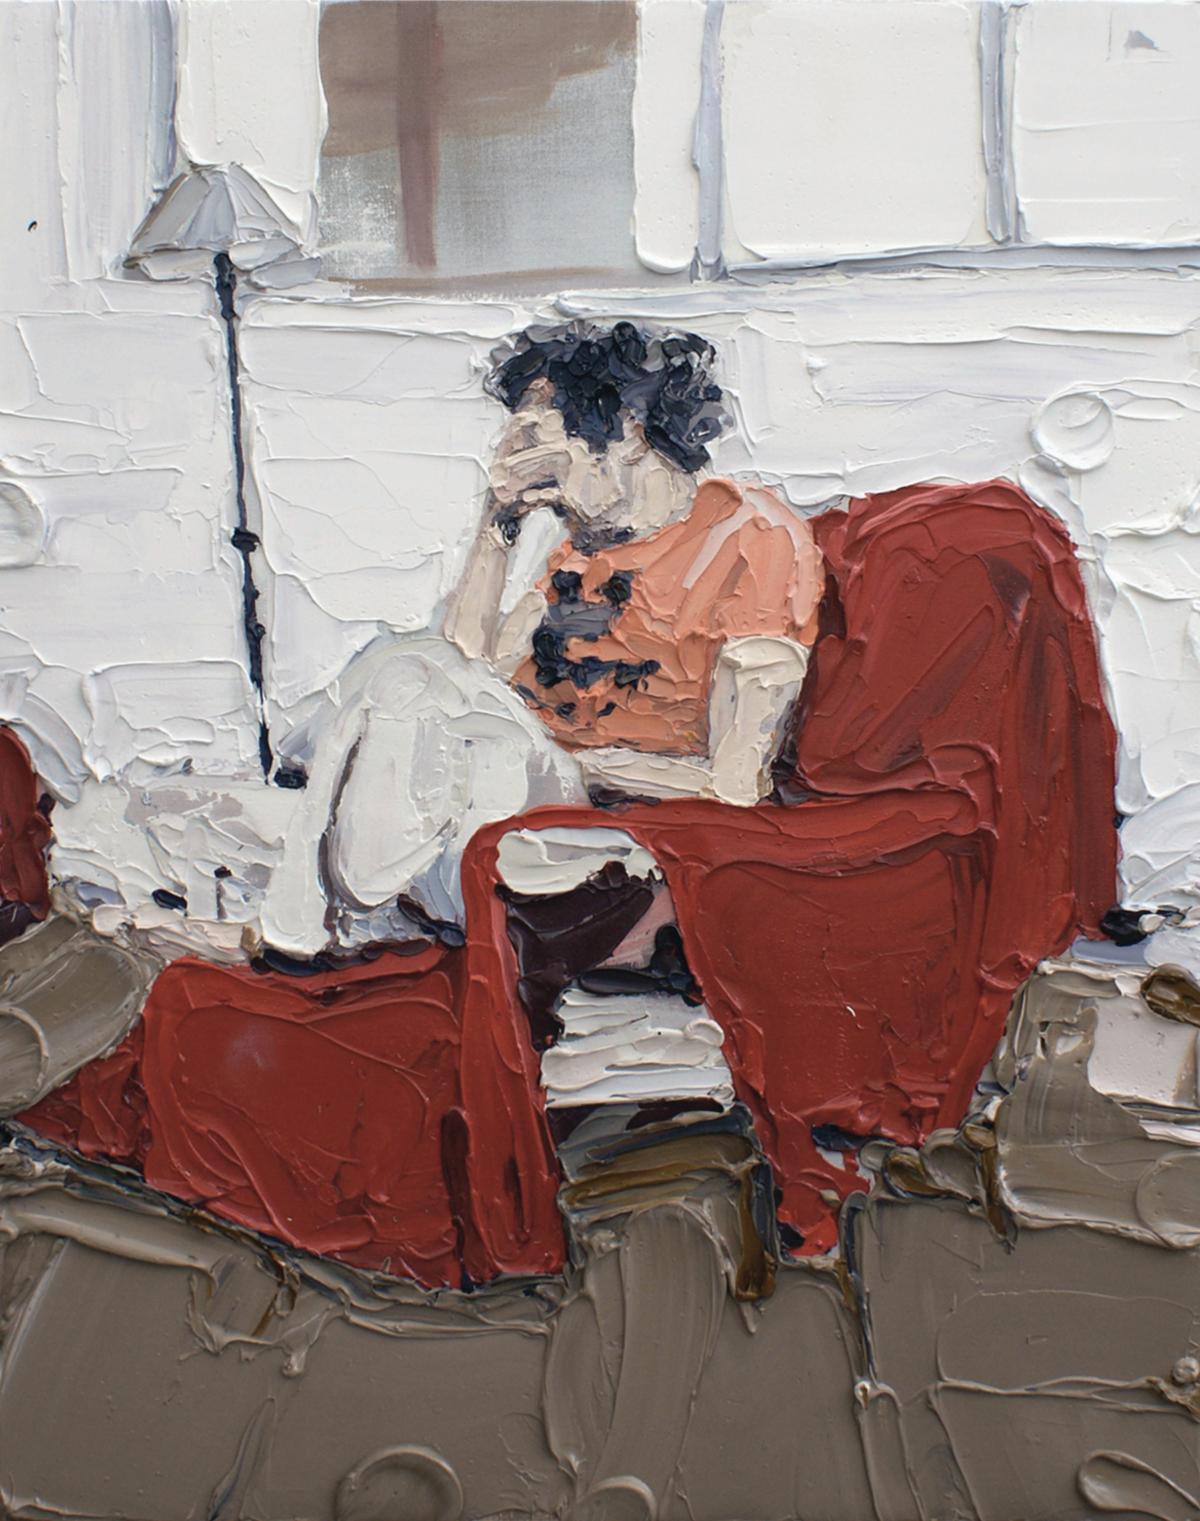 Guerandelle 2, 2010 Huile sur toile, 100 x 90 cm ©Vincent Ruffin